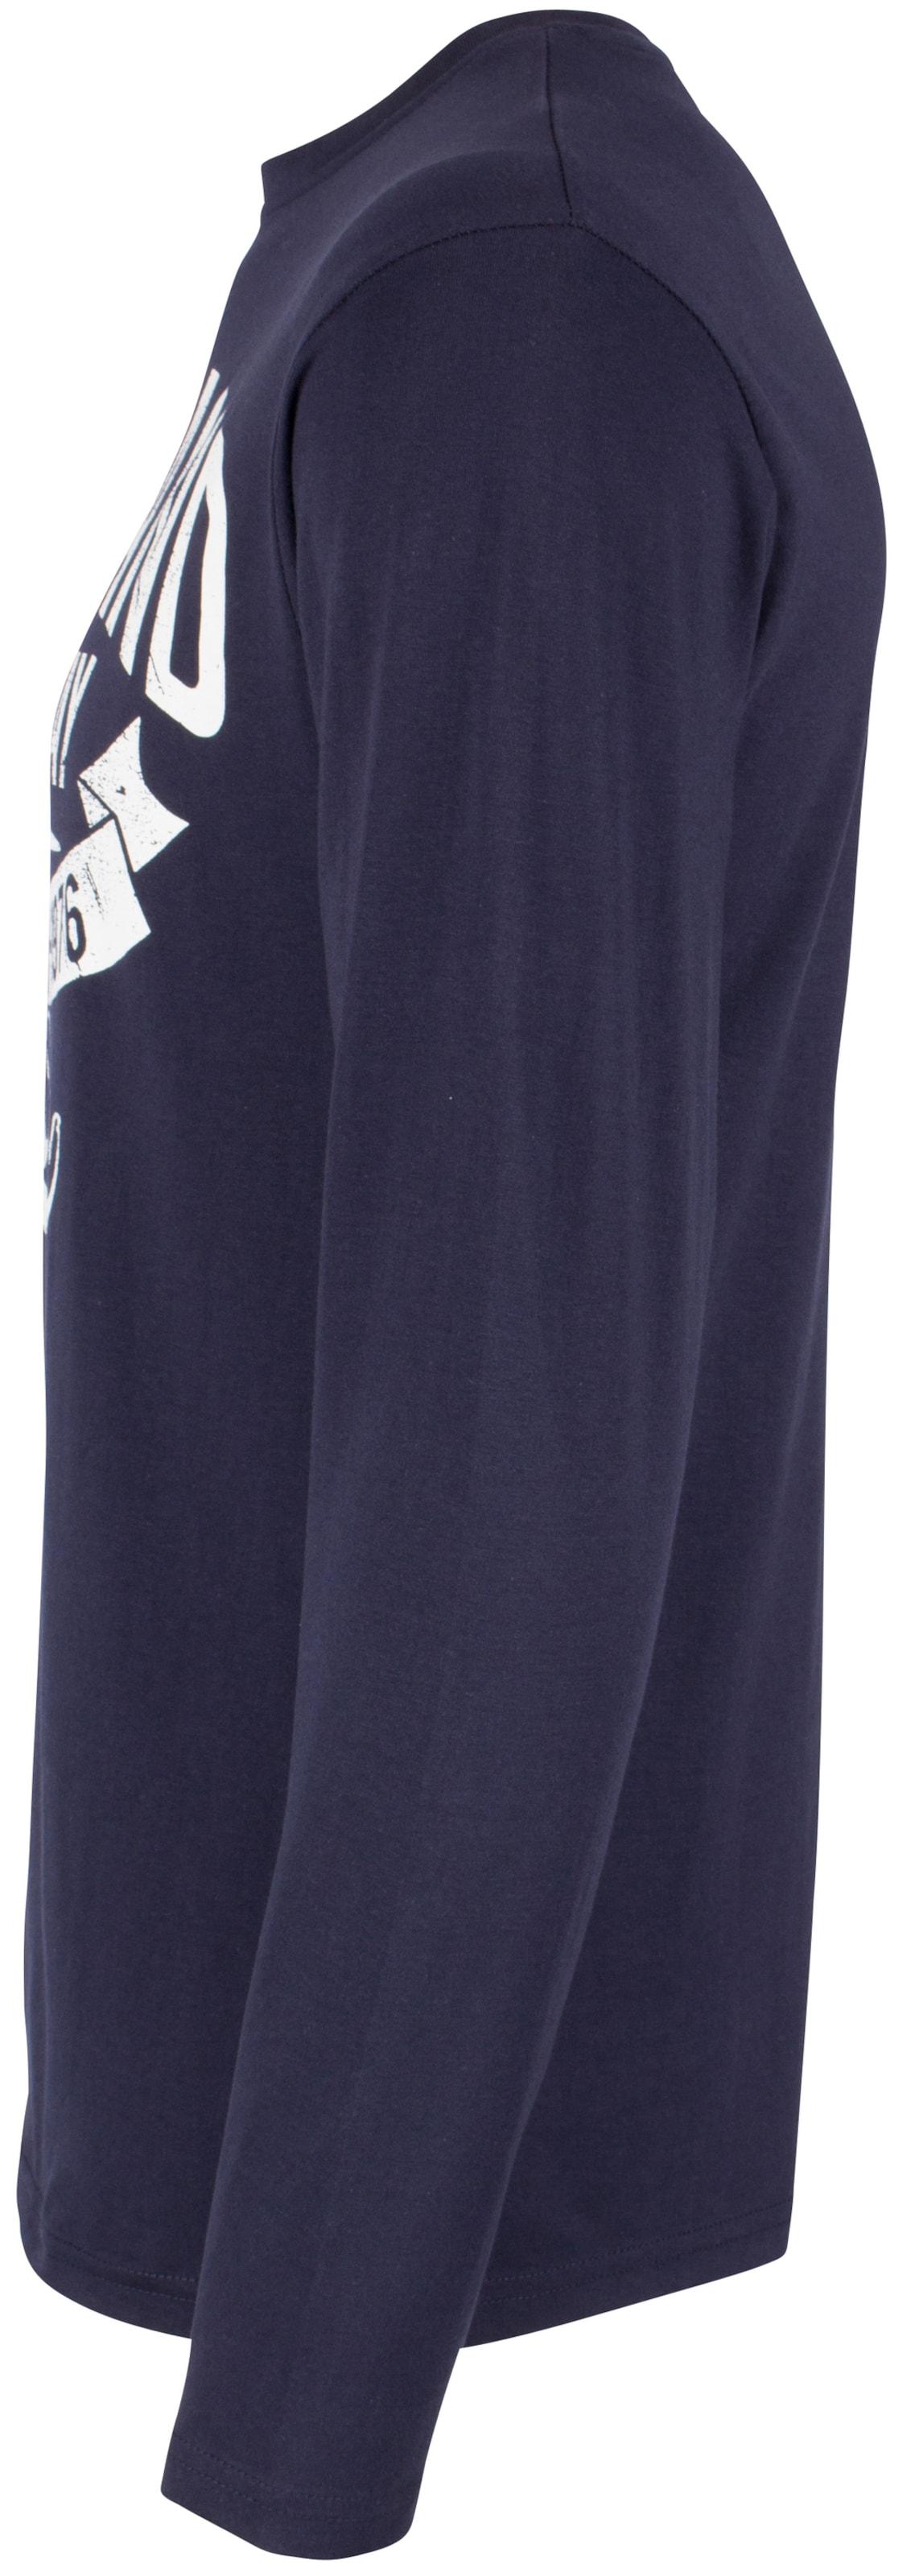 T En En shirt Soulstar shirt Soulstar Soulstar T shirt T Taupe En Taupe Tl51JFKc3u